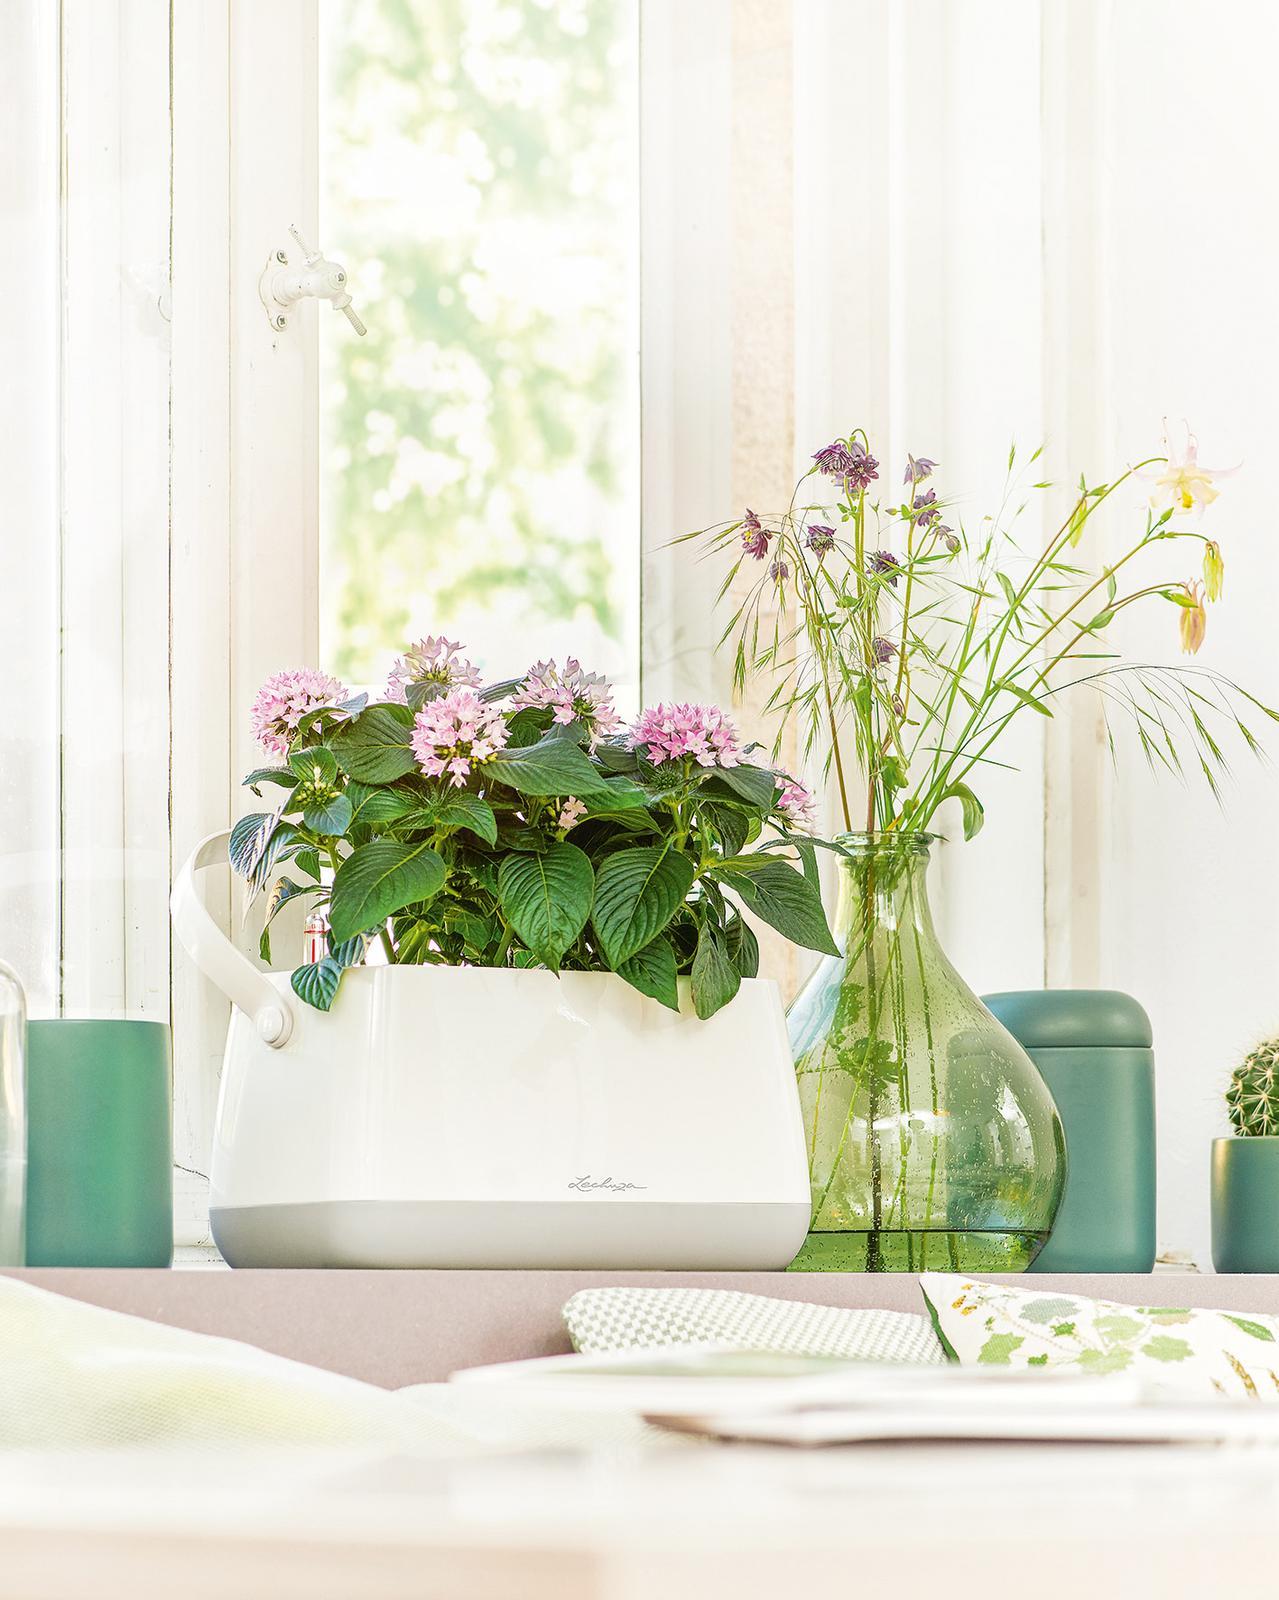 Pripravujeme nový kvetináč Yula | LECHUZA - kvetináč 33 x 37 x 17 cm | 19,99 €